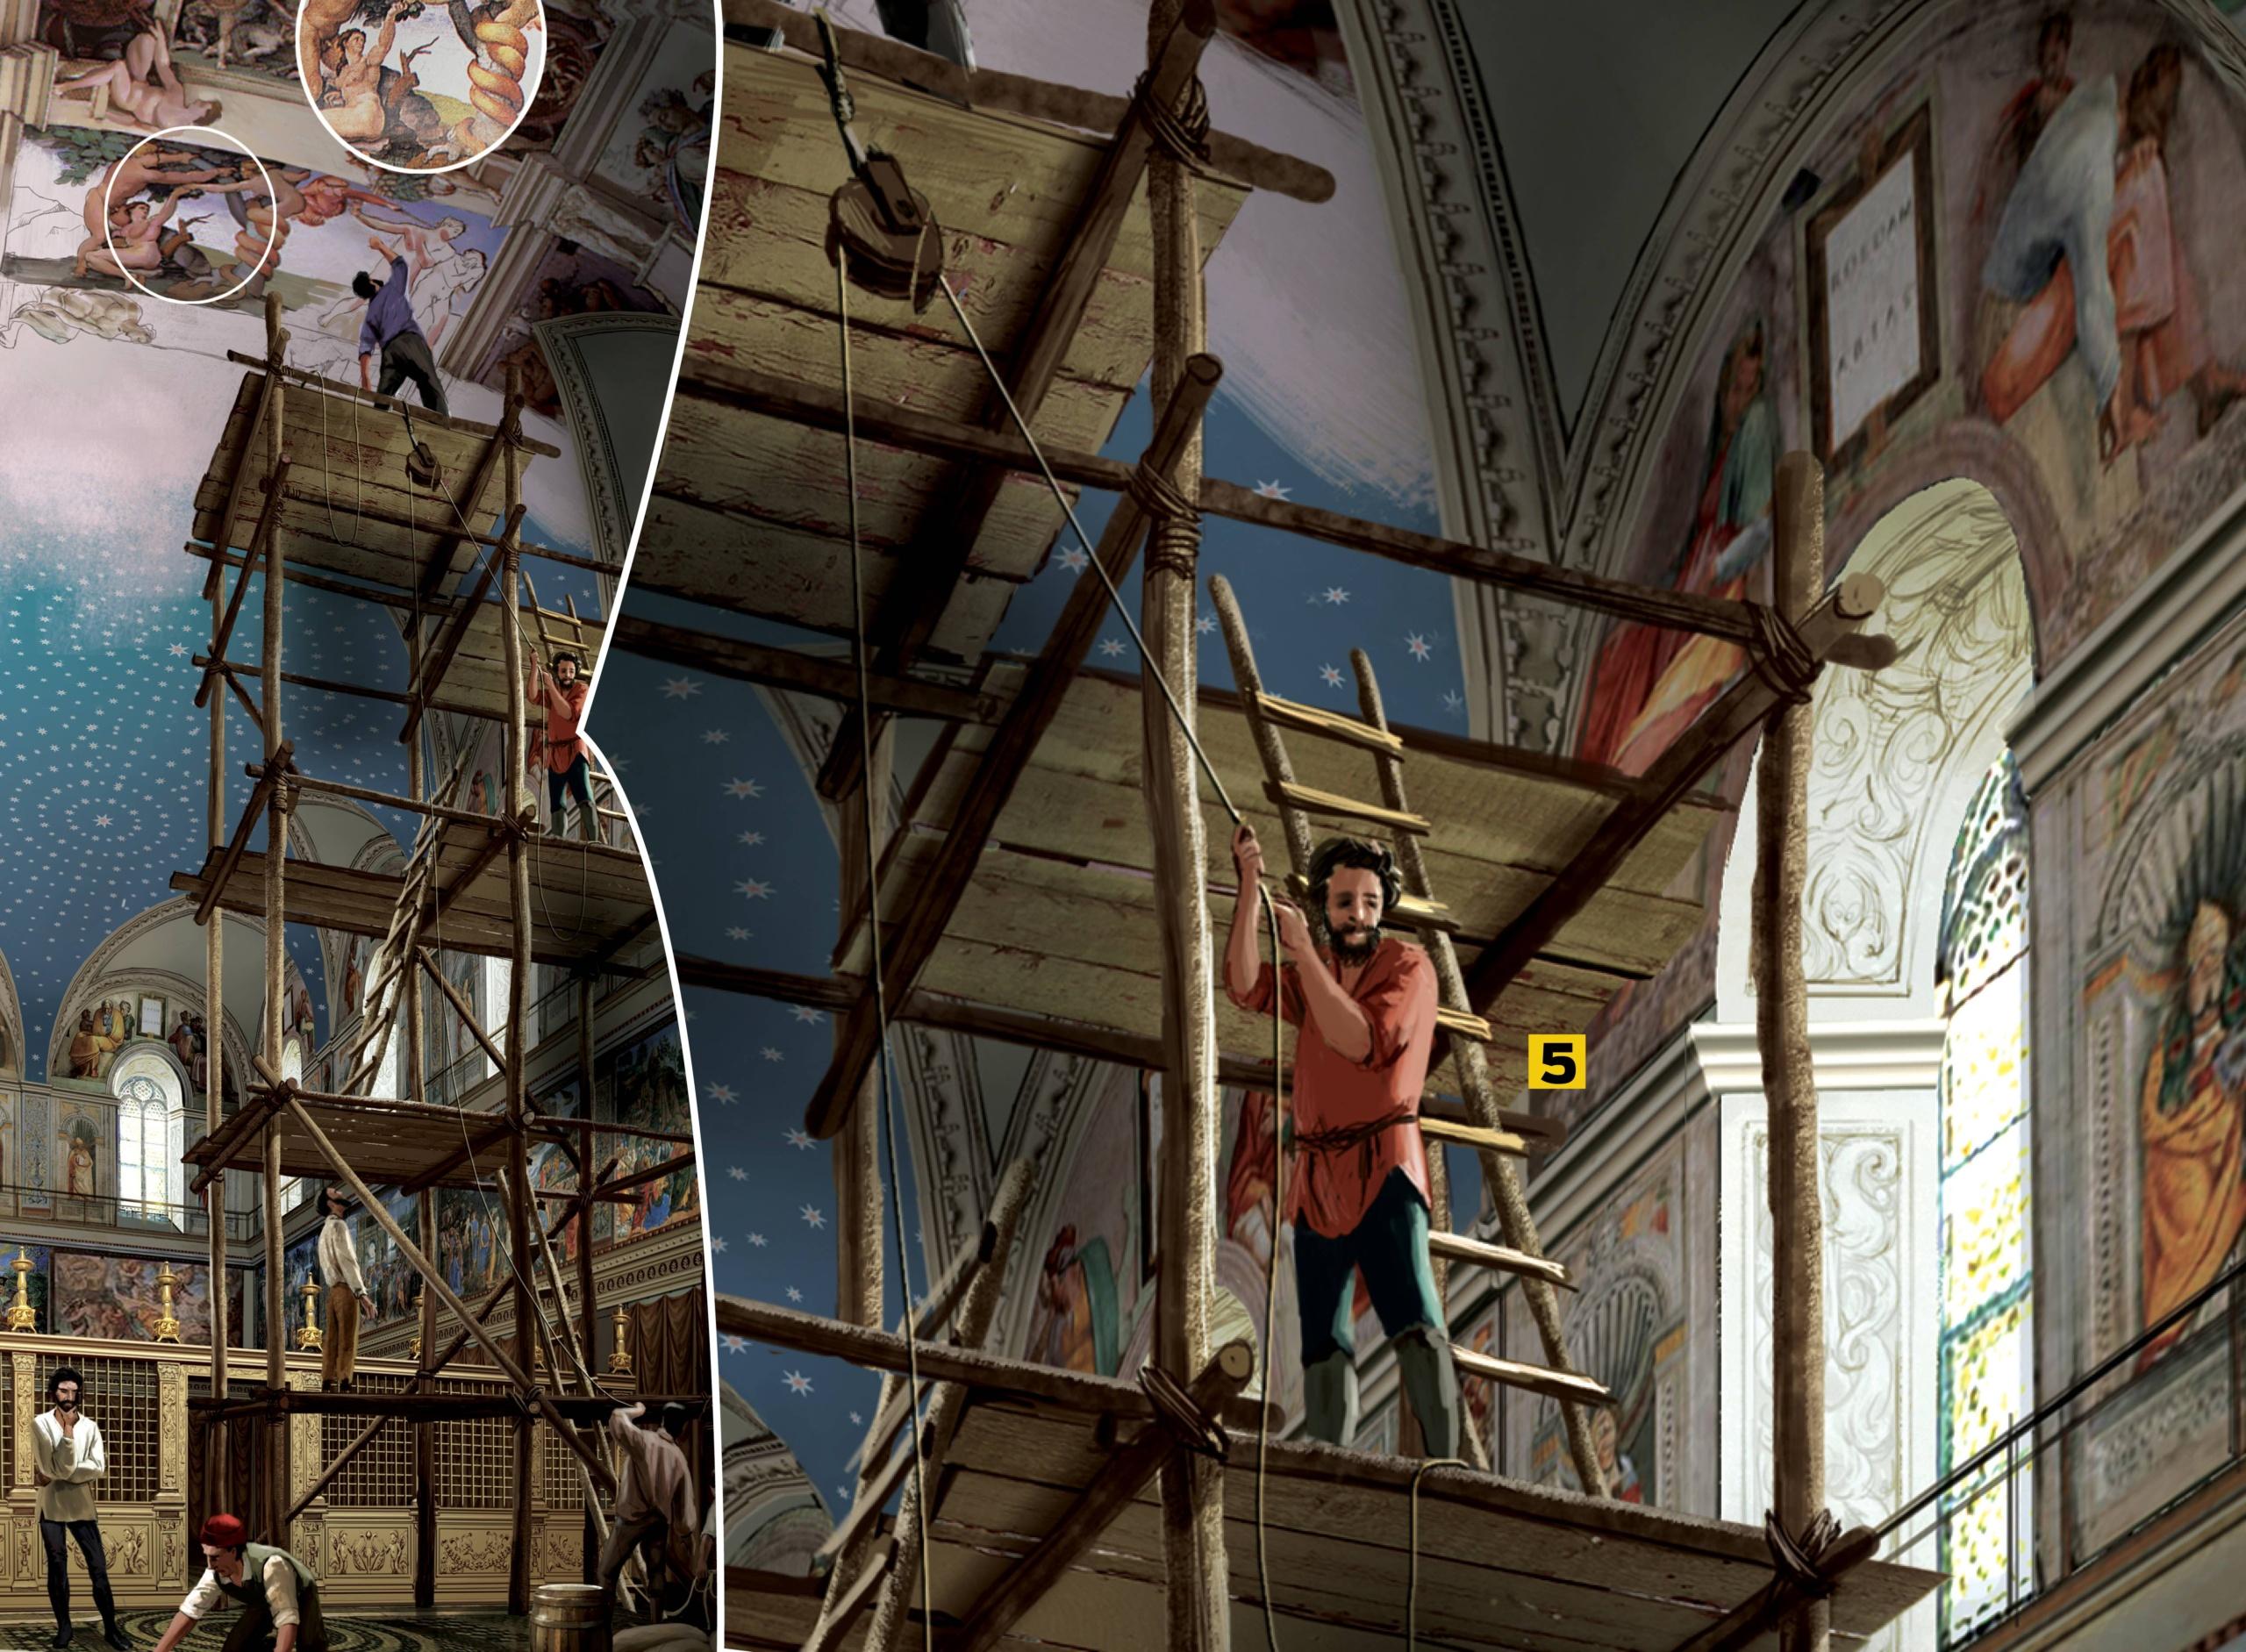 Michelangelo não queria pintar o teto da Capela Sistina mas fez um trabalho magnífico